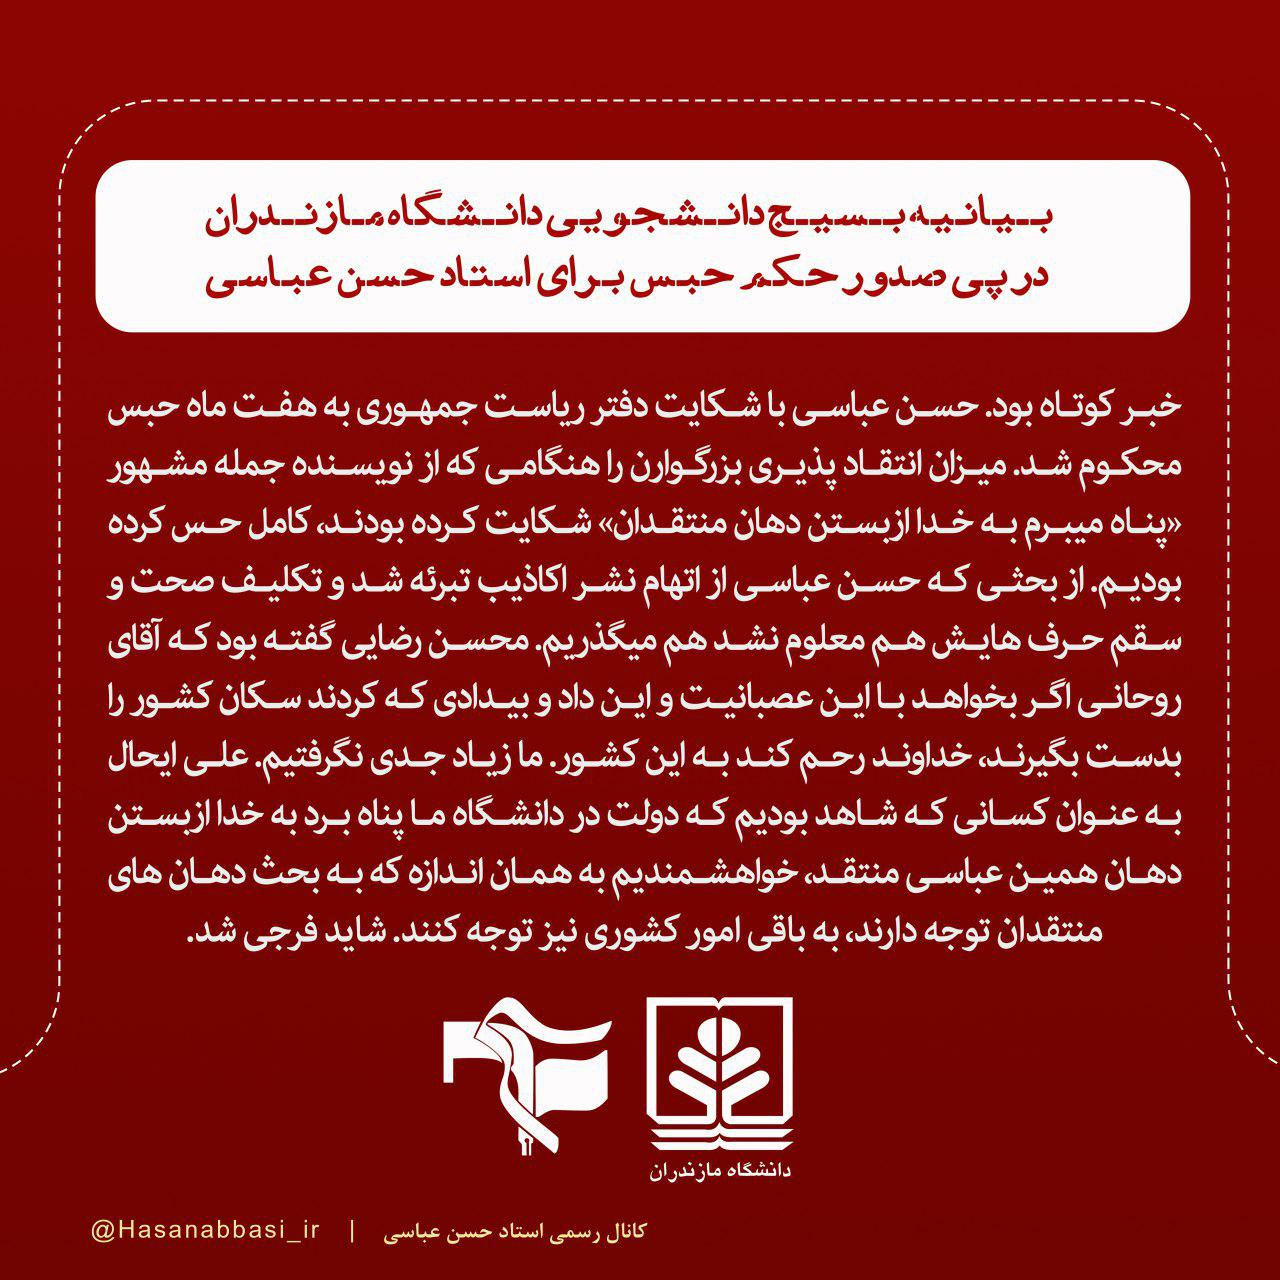 بیانیه بسیج دانشجویی دانشگاه مازندران